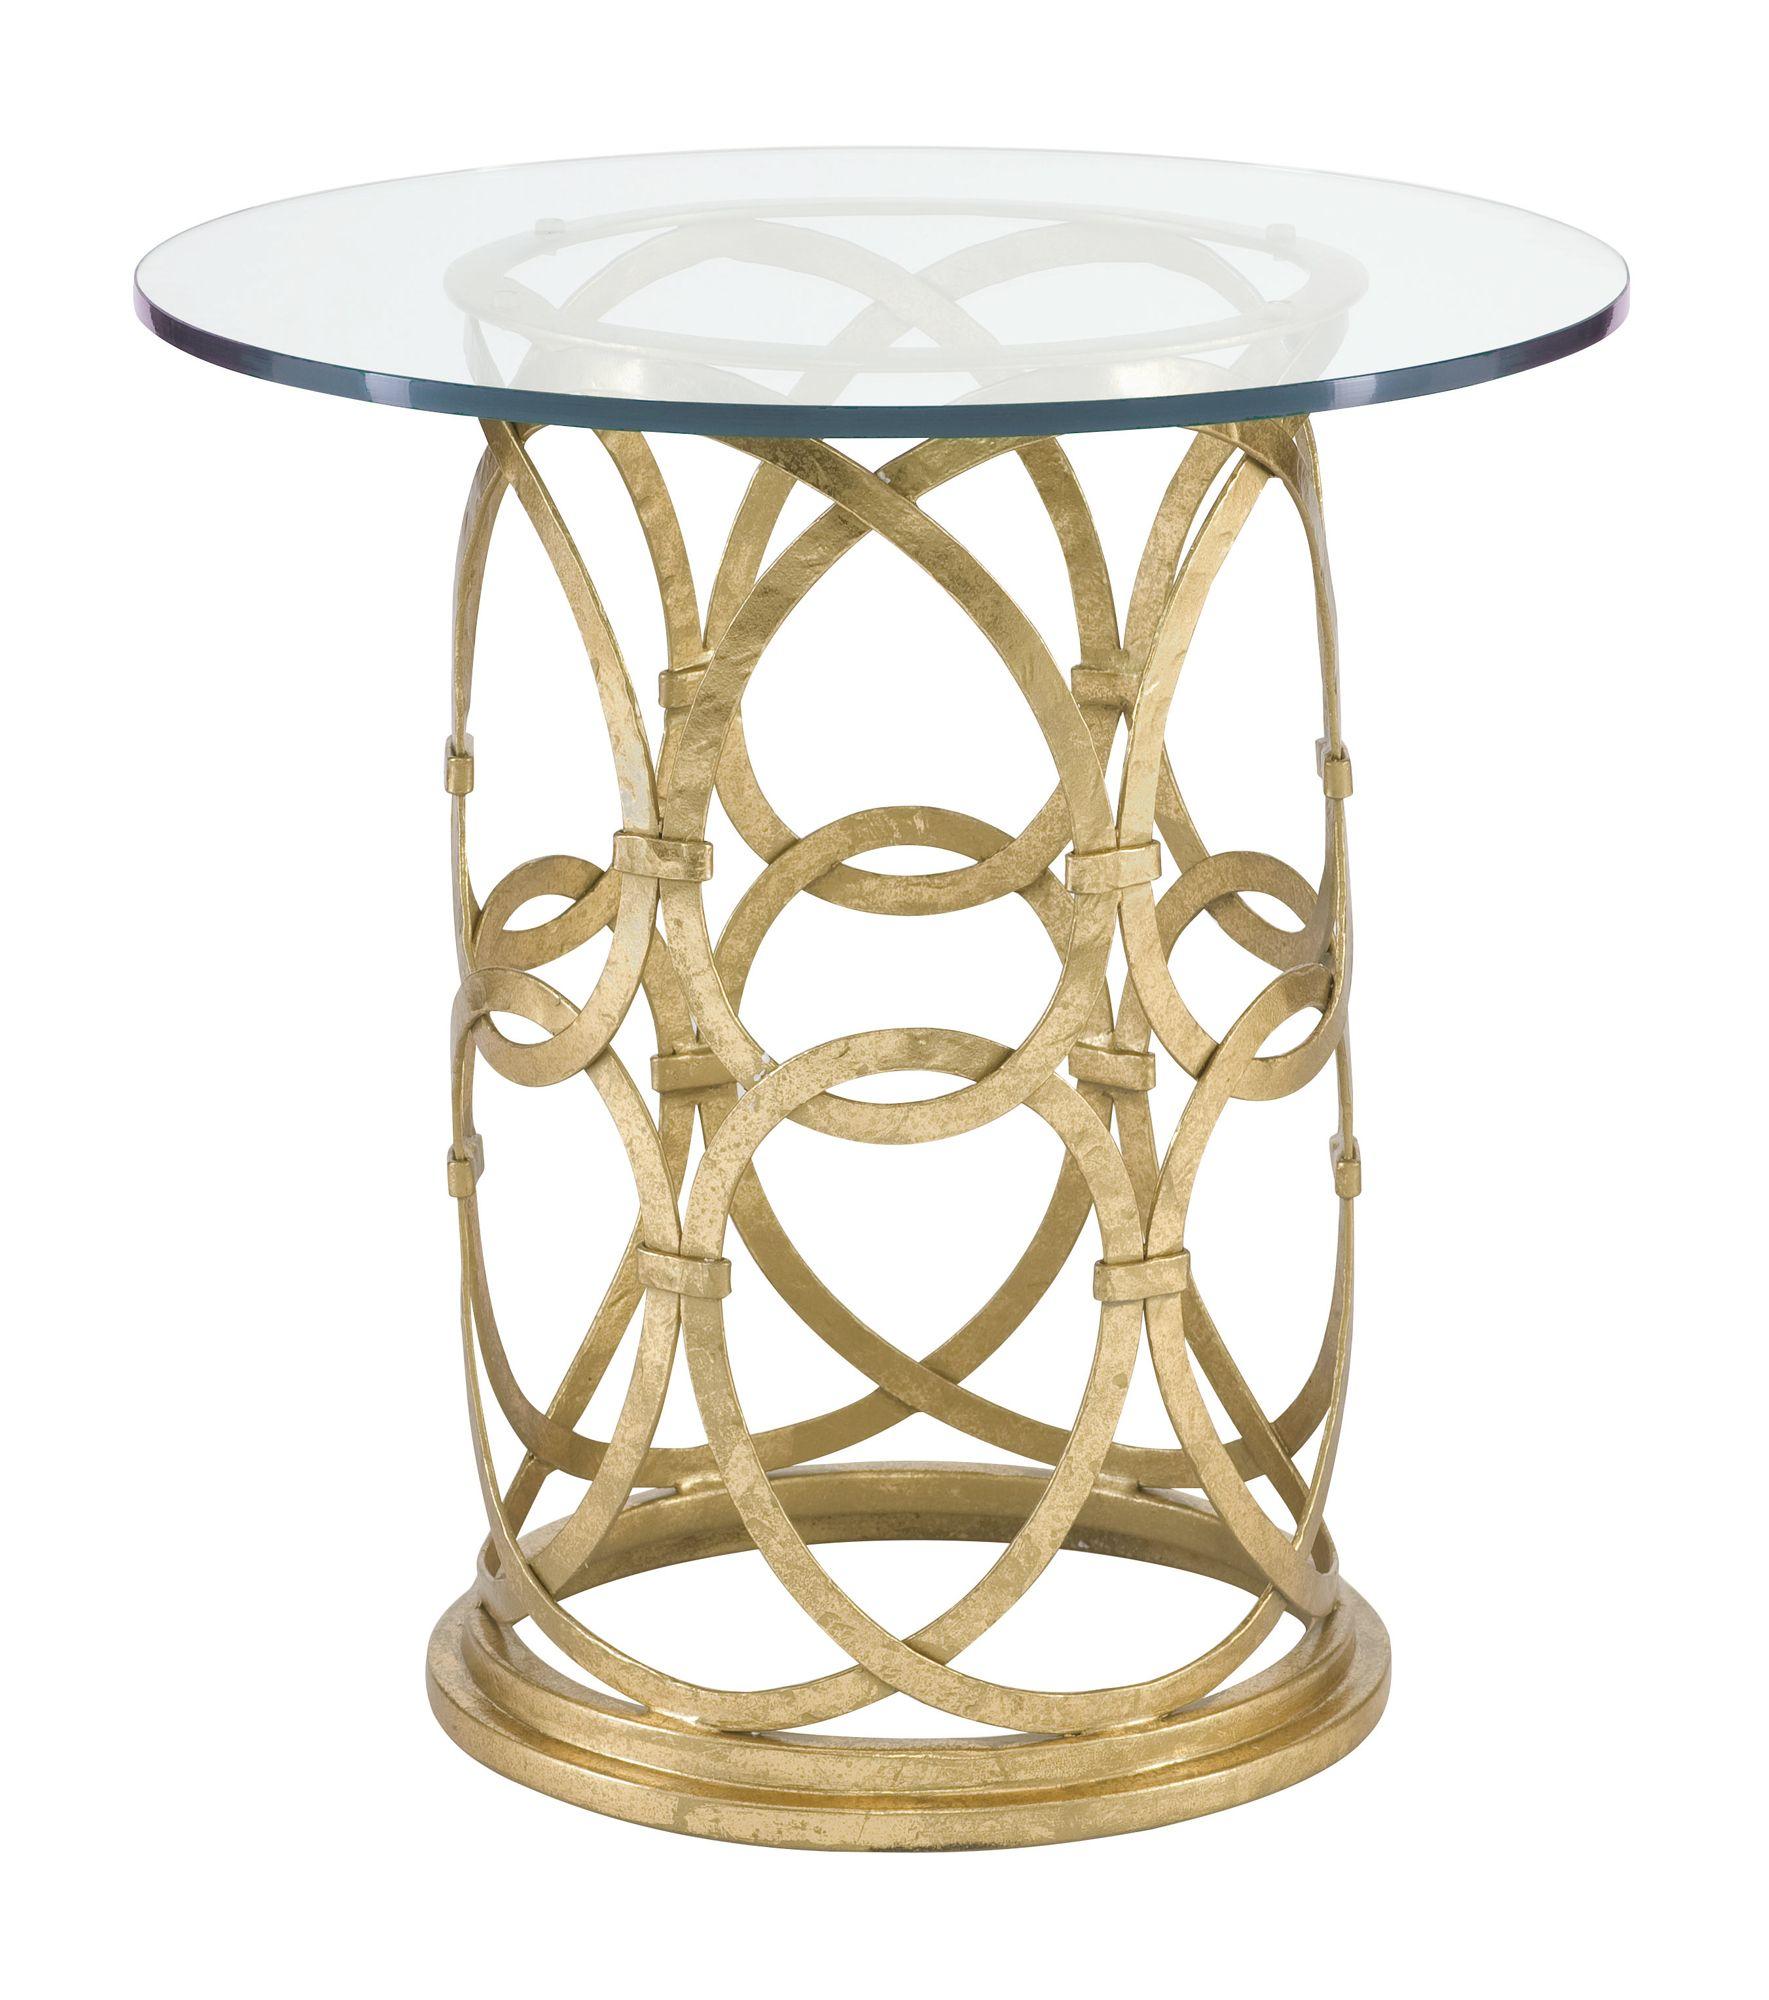 Round Side Table Round Side Table Side Table Round Nightstand